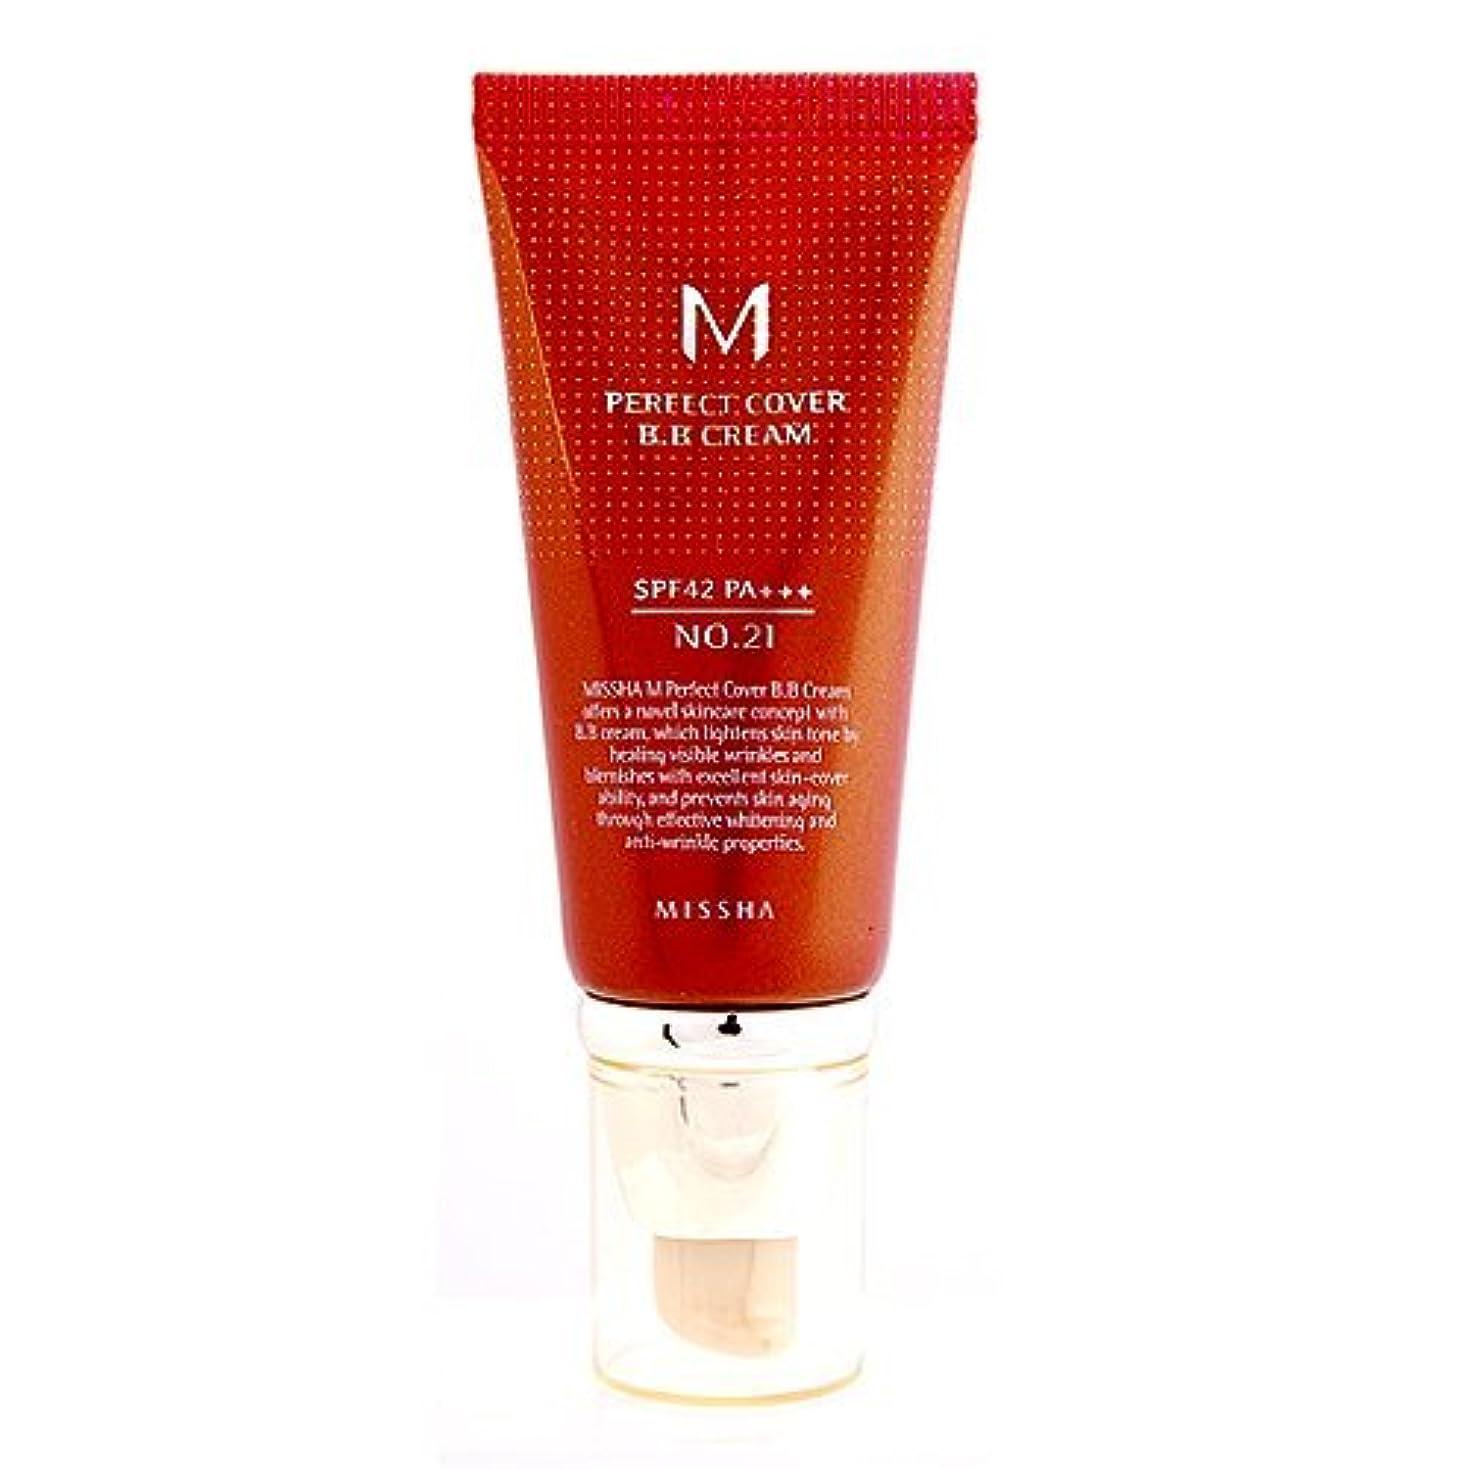 十分孤独頼むMissha M Perfect Cover B.B. Cream SPF 42 PA+++ 21 Light Beige, 1.69oz, 50ml